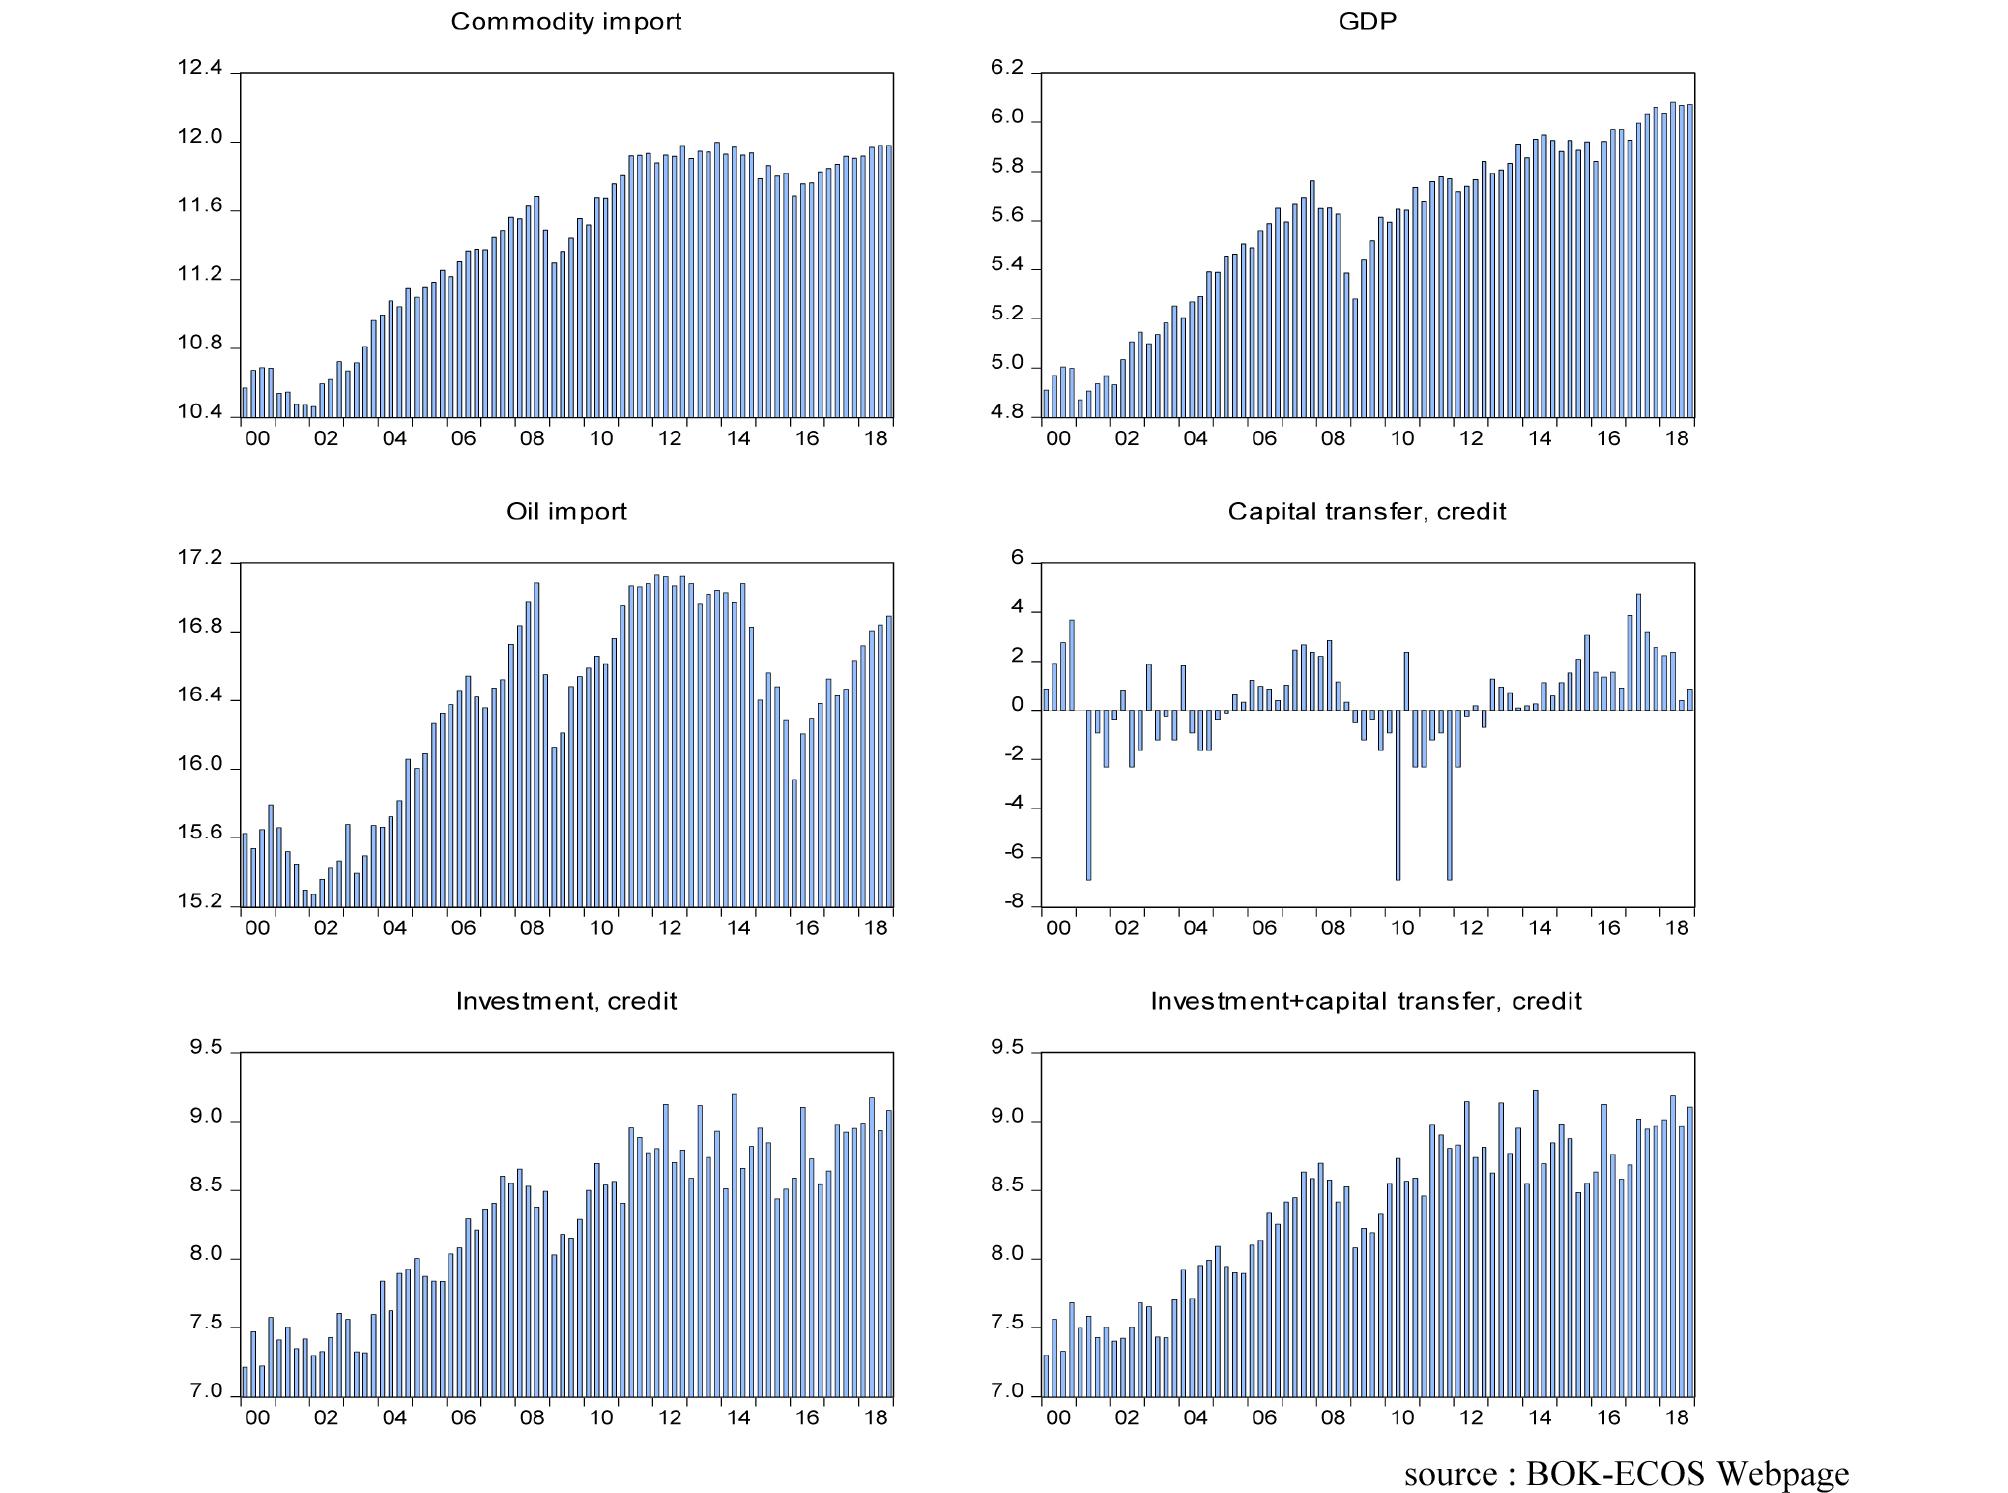 http://static.apub.kr/journalsite/sites/ksmer/2020-057-04/N0330570402/images/ksmer_57_04_02_F1.jpg